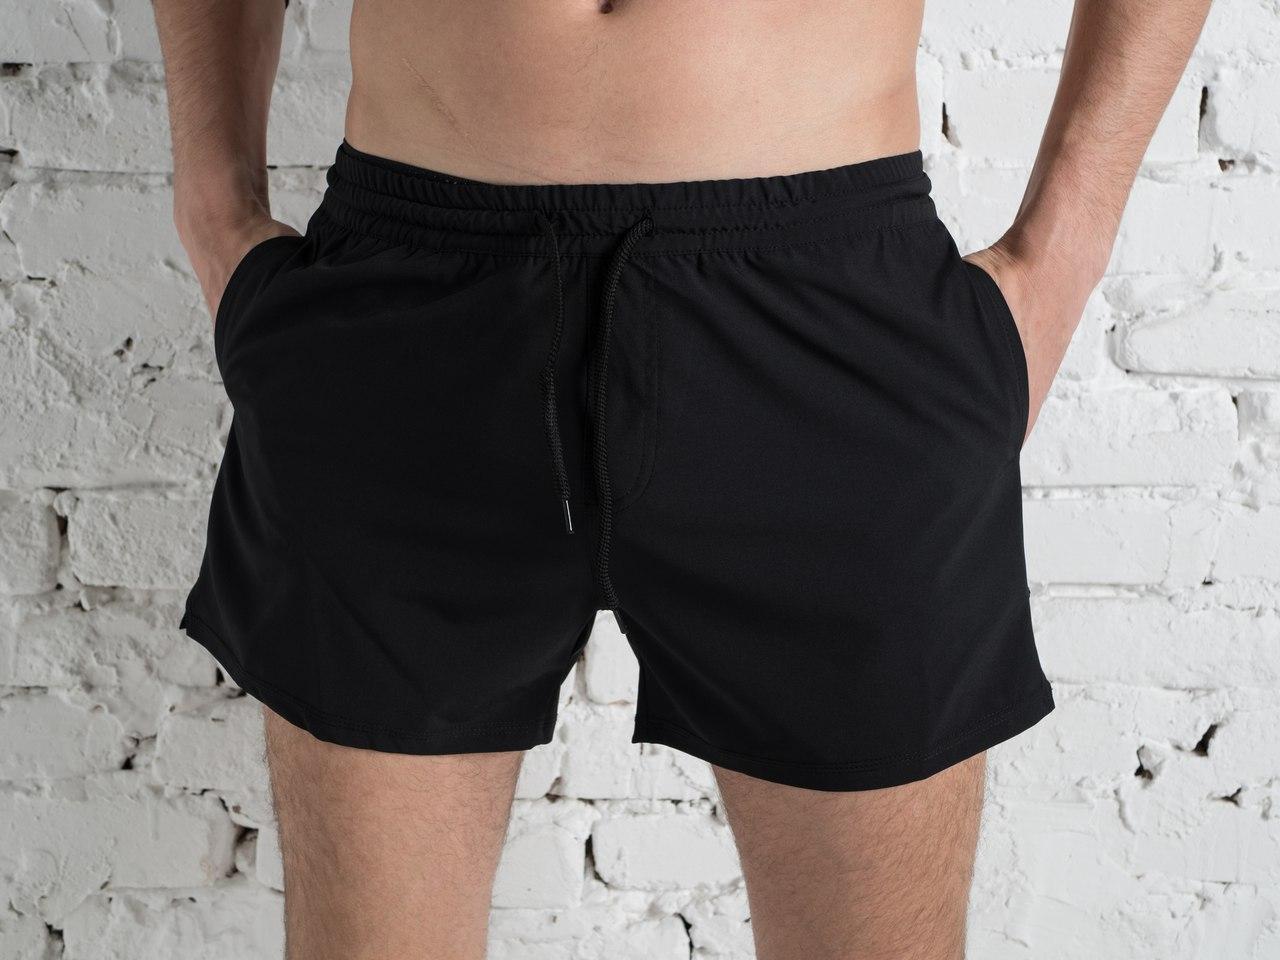 Шорты мужские Pobedov комфортные пляжные плавки из европейской плащевки в черном цвете